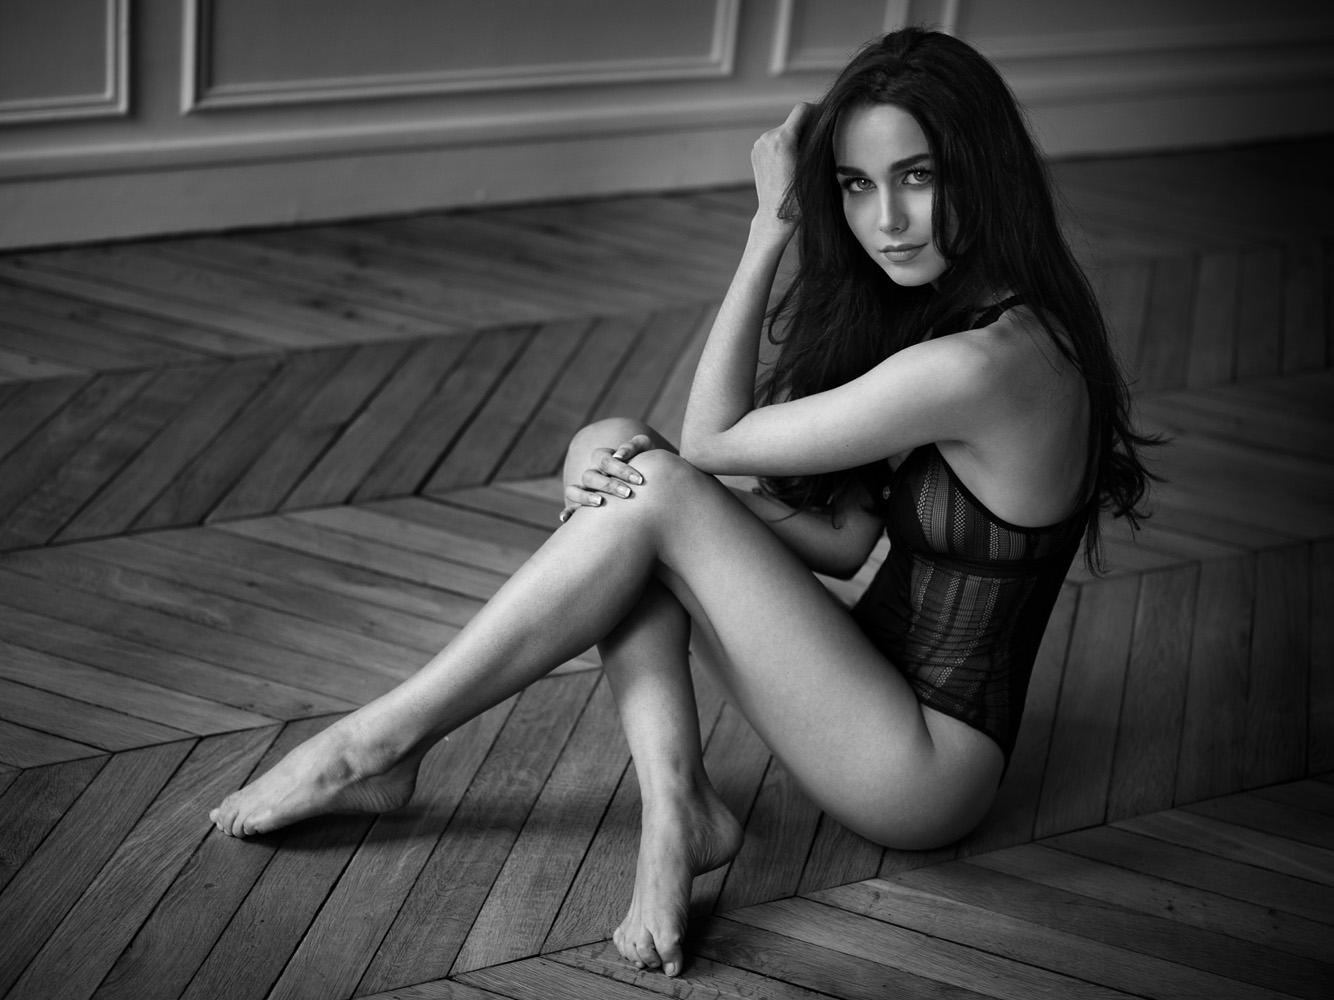 Juliette-161014_1174